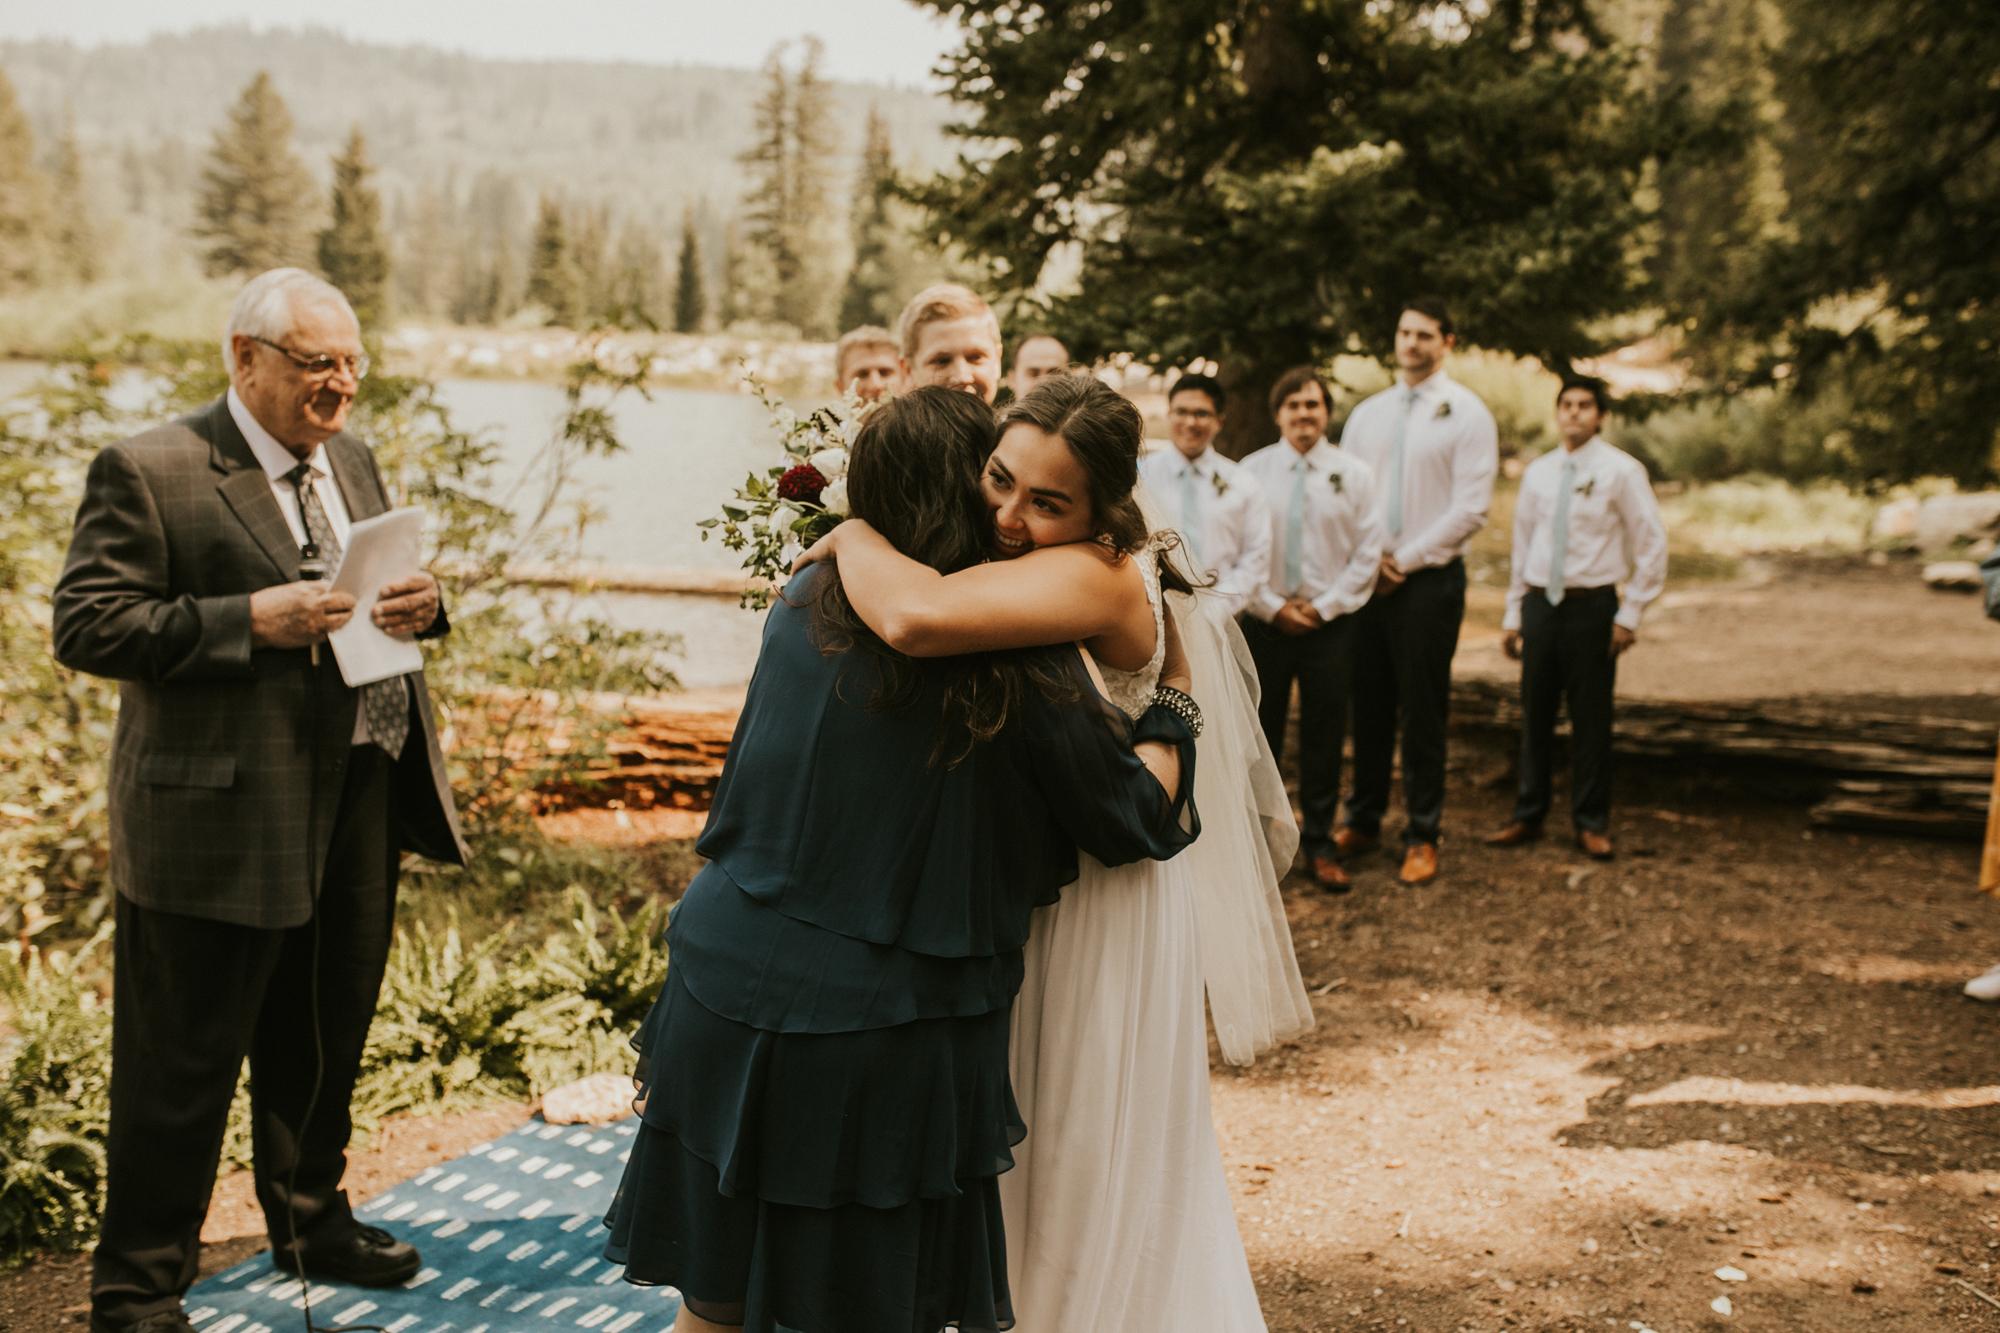 PNW Forest lake mountain wedding